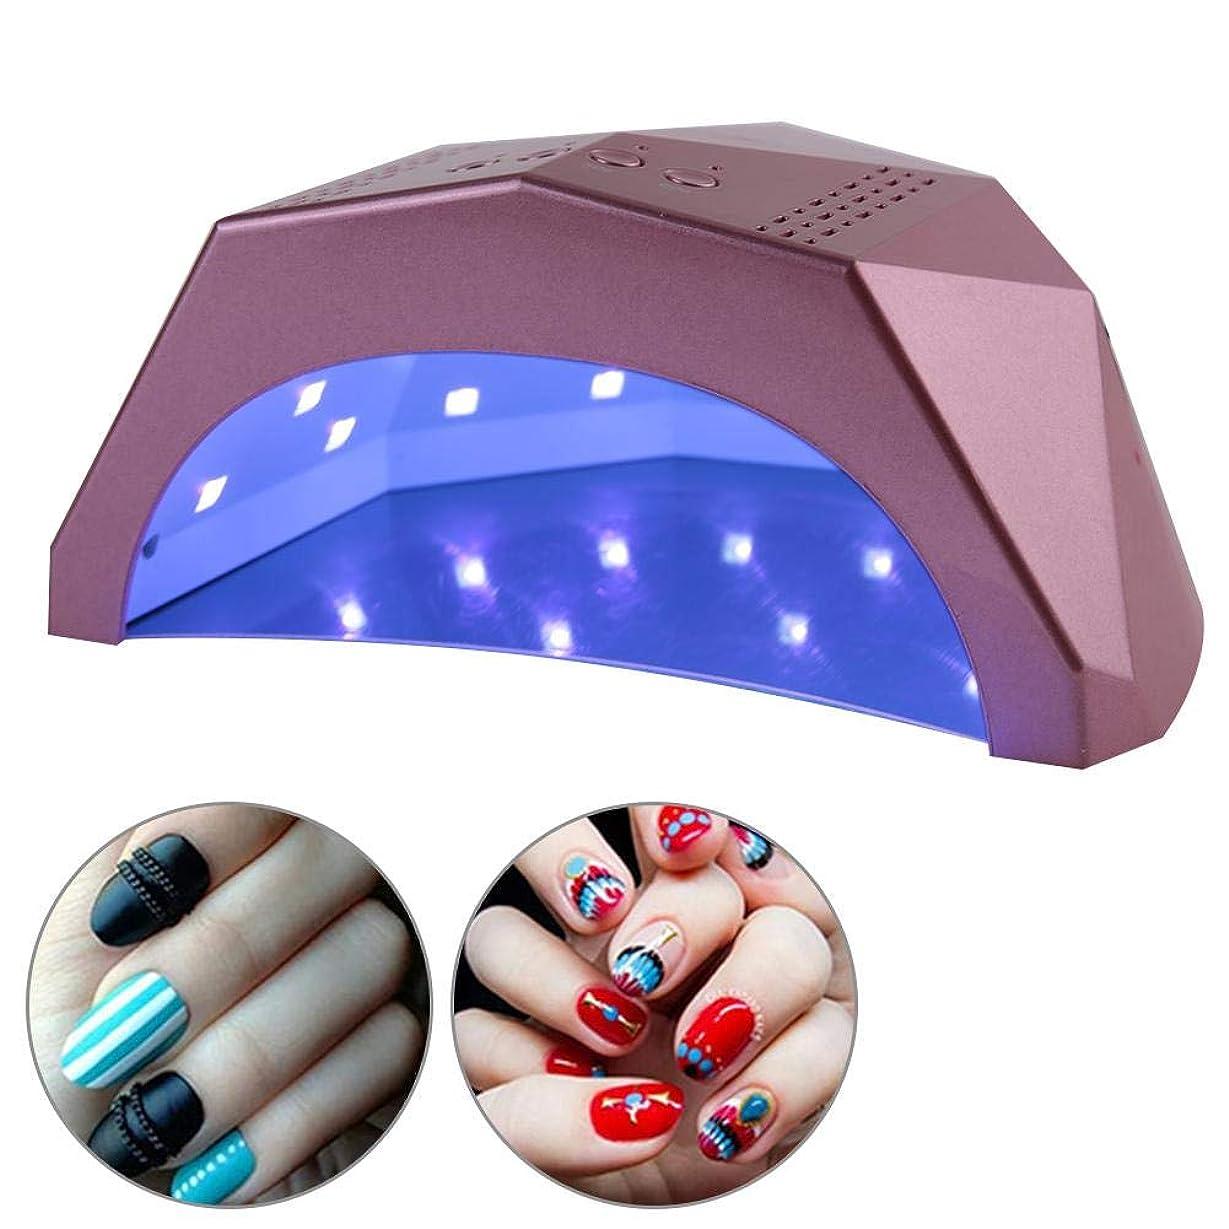 華氏フィードバック満足24W/48W 切り替え可能ネイルドライヤー 30個LEDライト 自動センサー 3つのタイマー付き UV LED ネイルランプ(01)